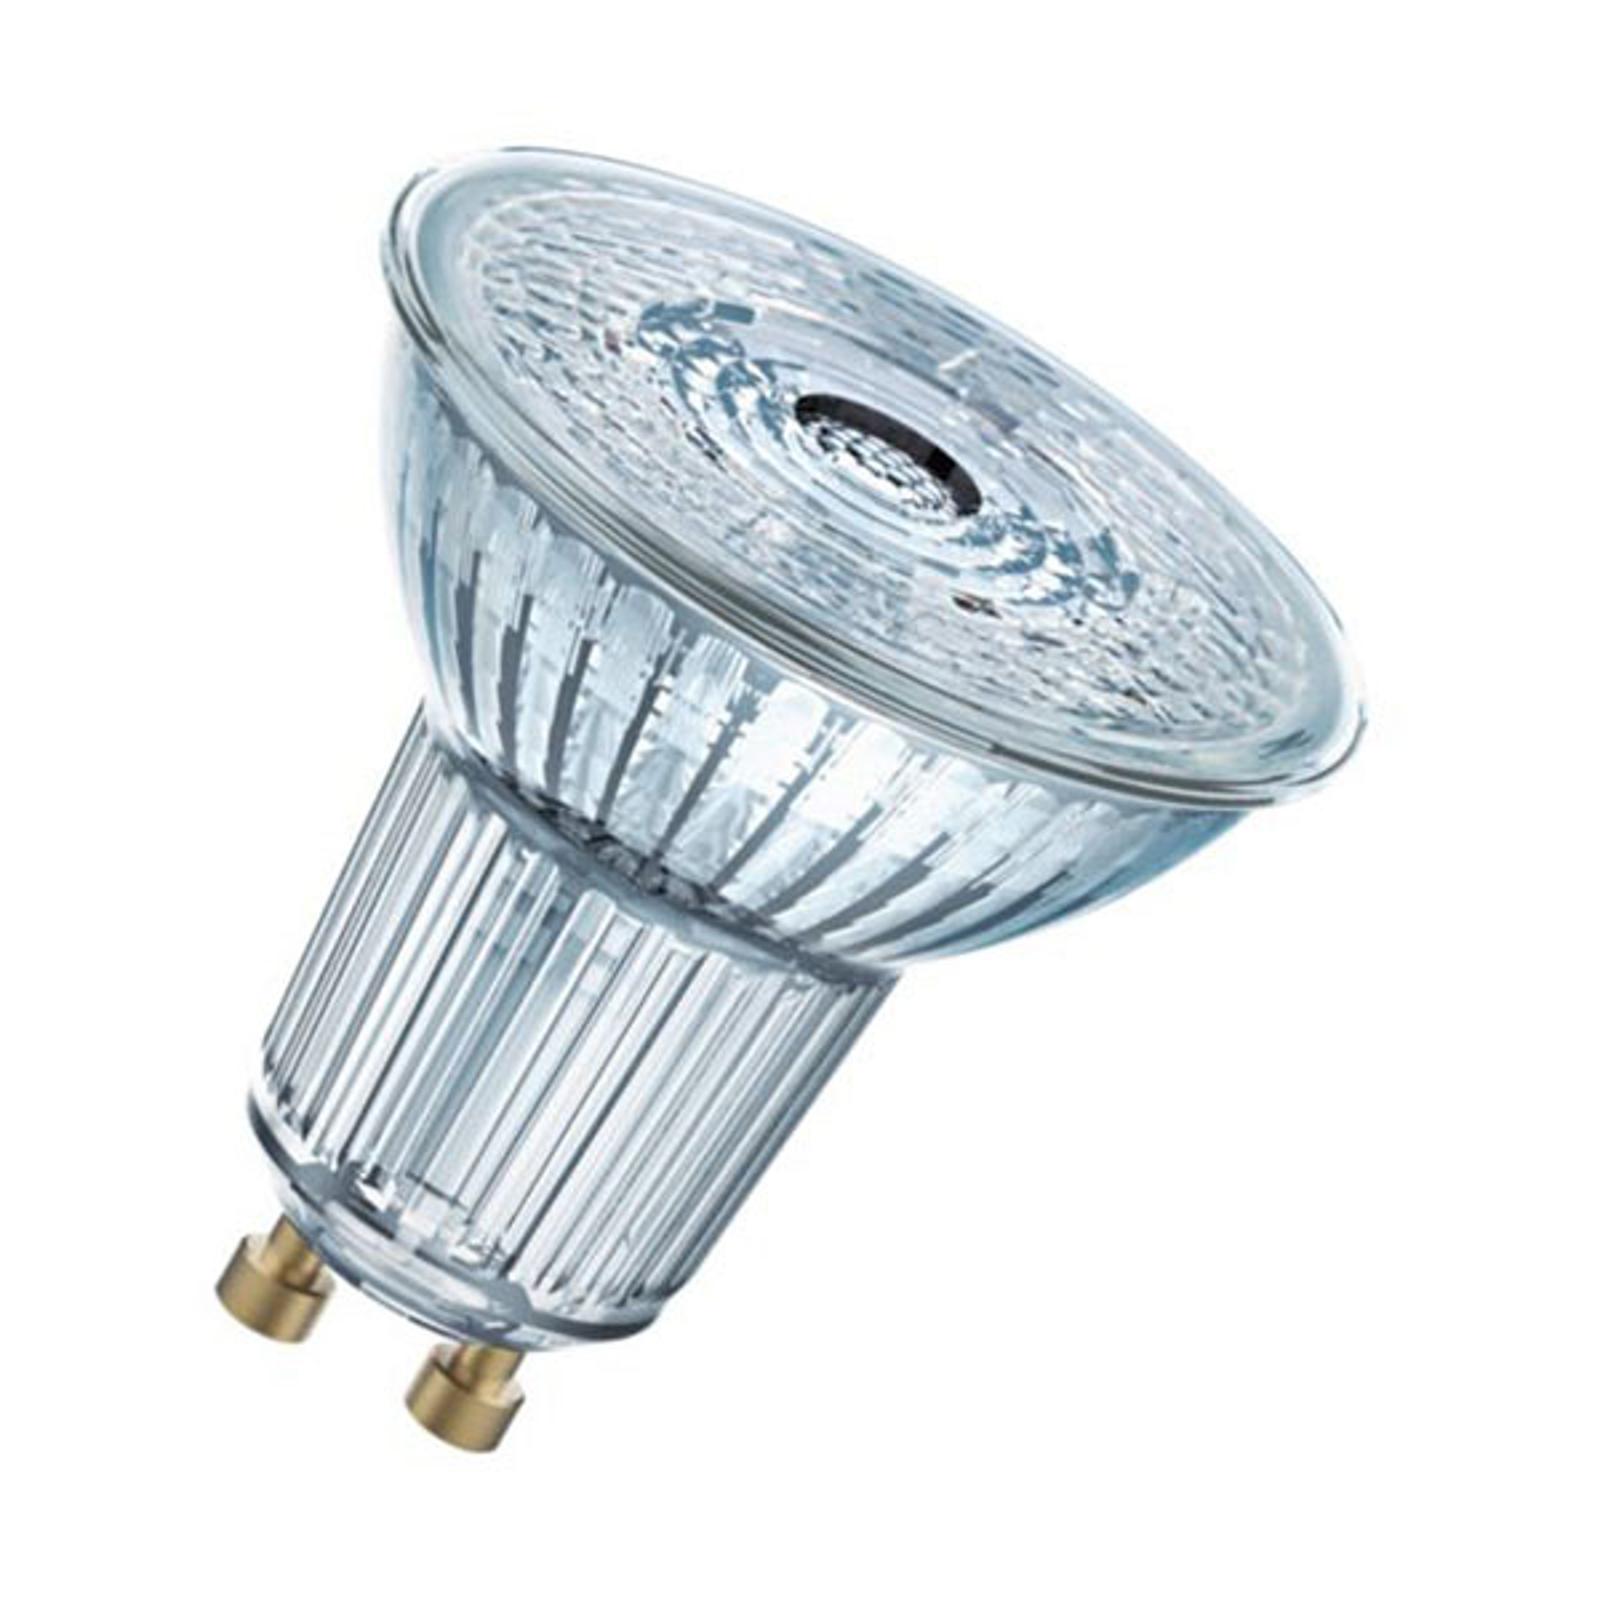 OSRAM LED-Glas-Reflektor GU10 8,3W 940 36° dimmbar